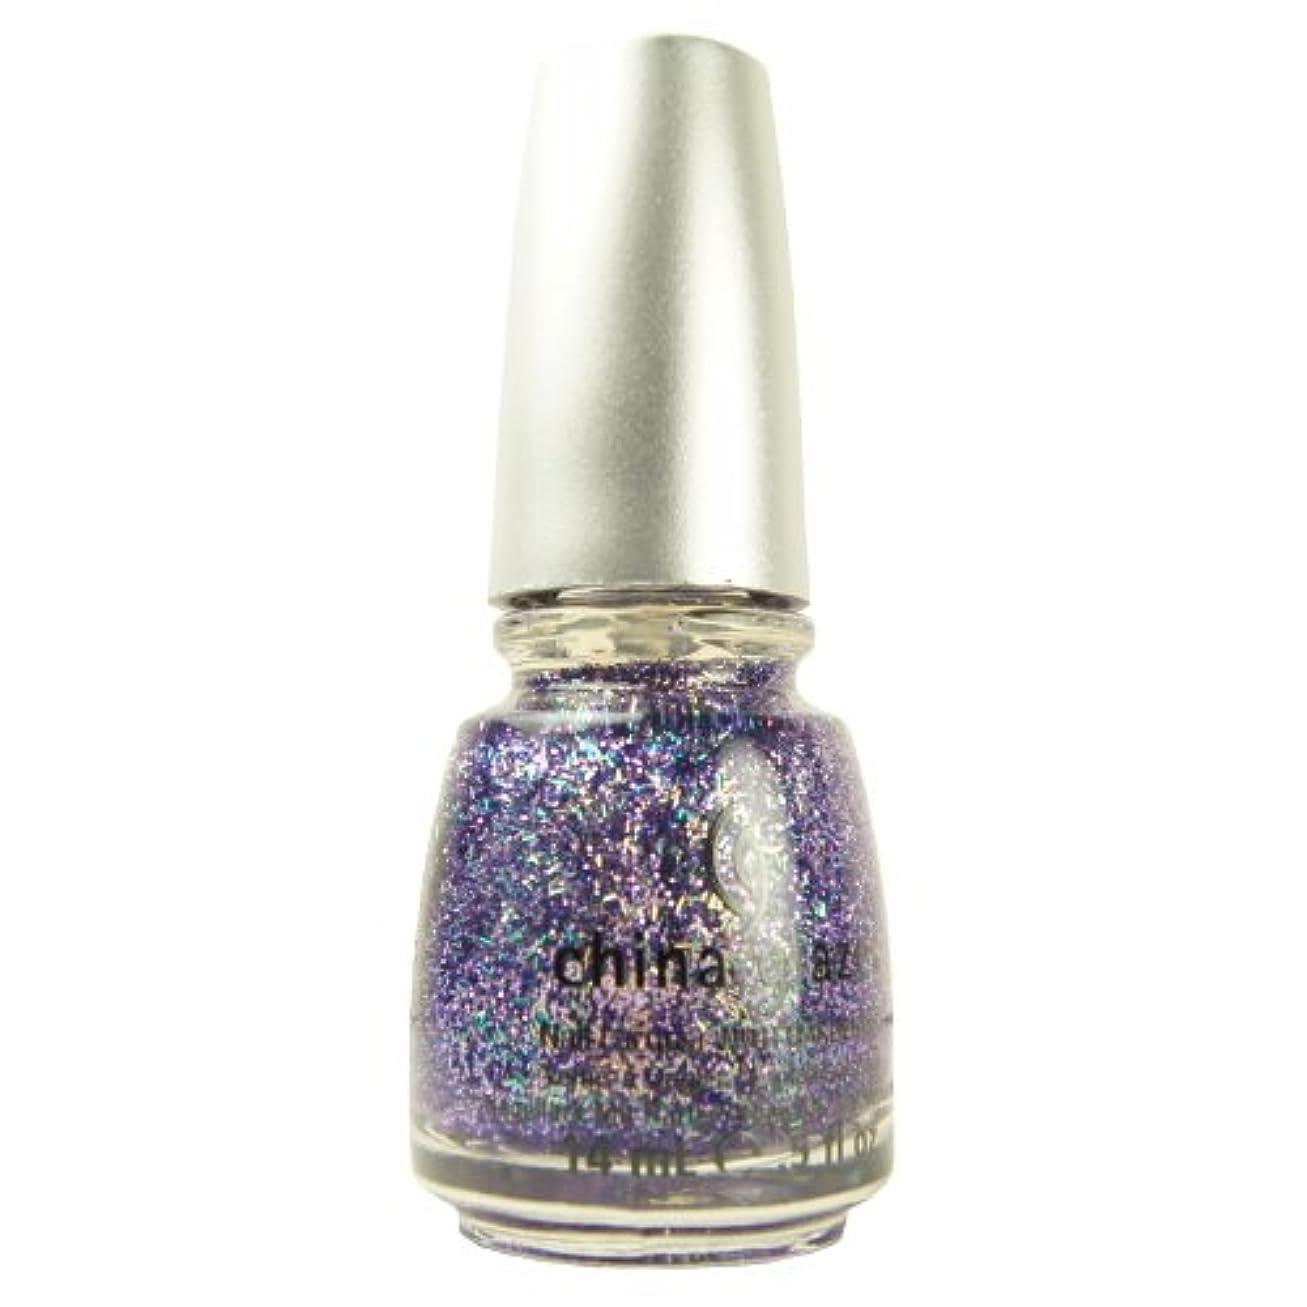 素朴な試験独占(3 Pack) CHINA GLAZE Glitter Nail Lacquer with Nail Hardner - Marry A Millionaire (DC) (並行輸入品)